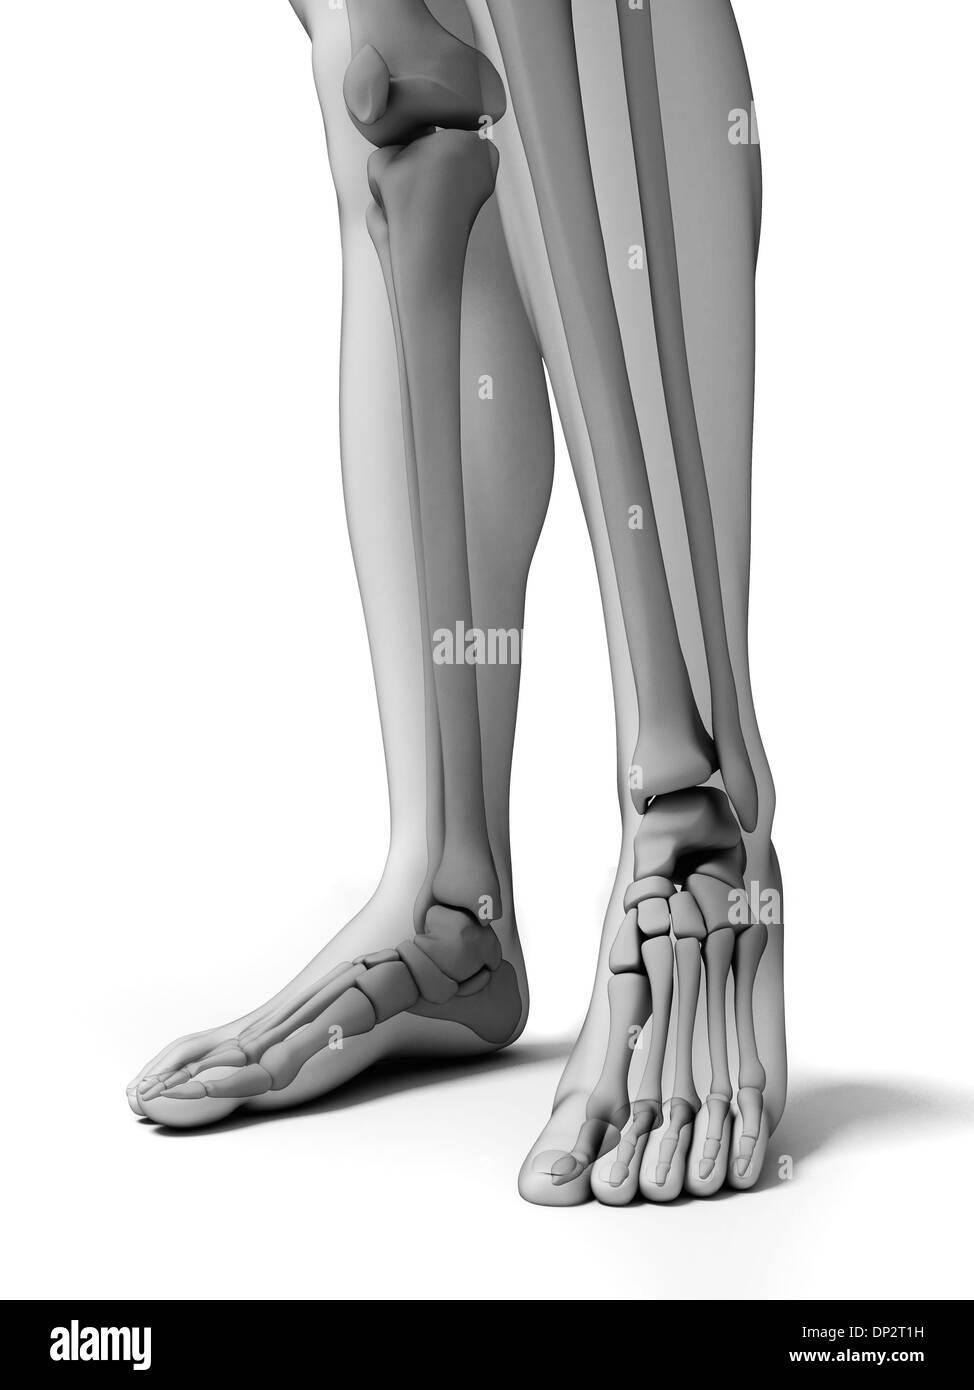 Knochen der Unterschenkel und Füße, artwork Stockfoto, Bild ...